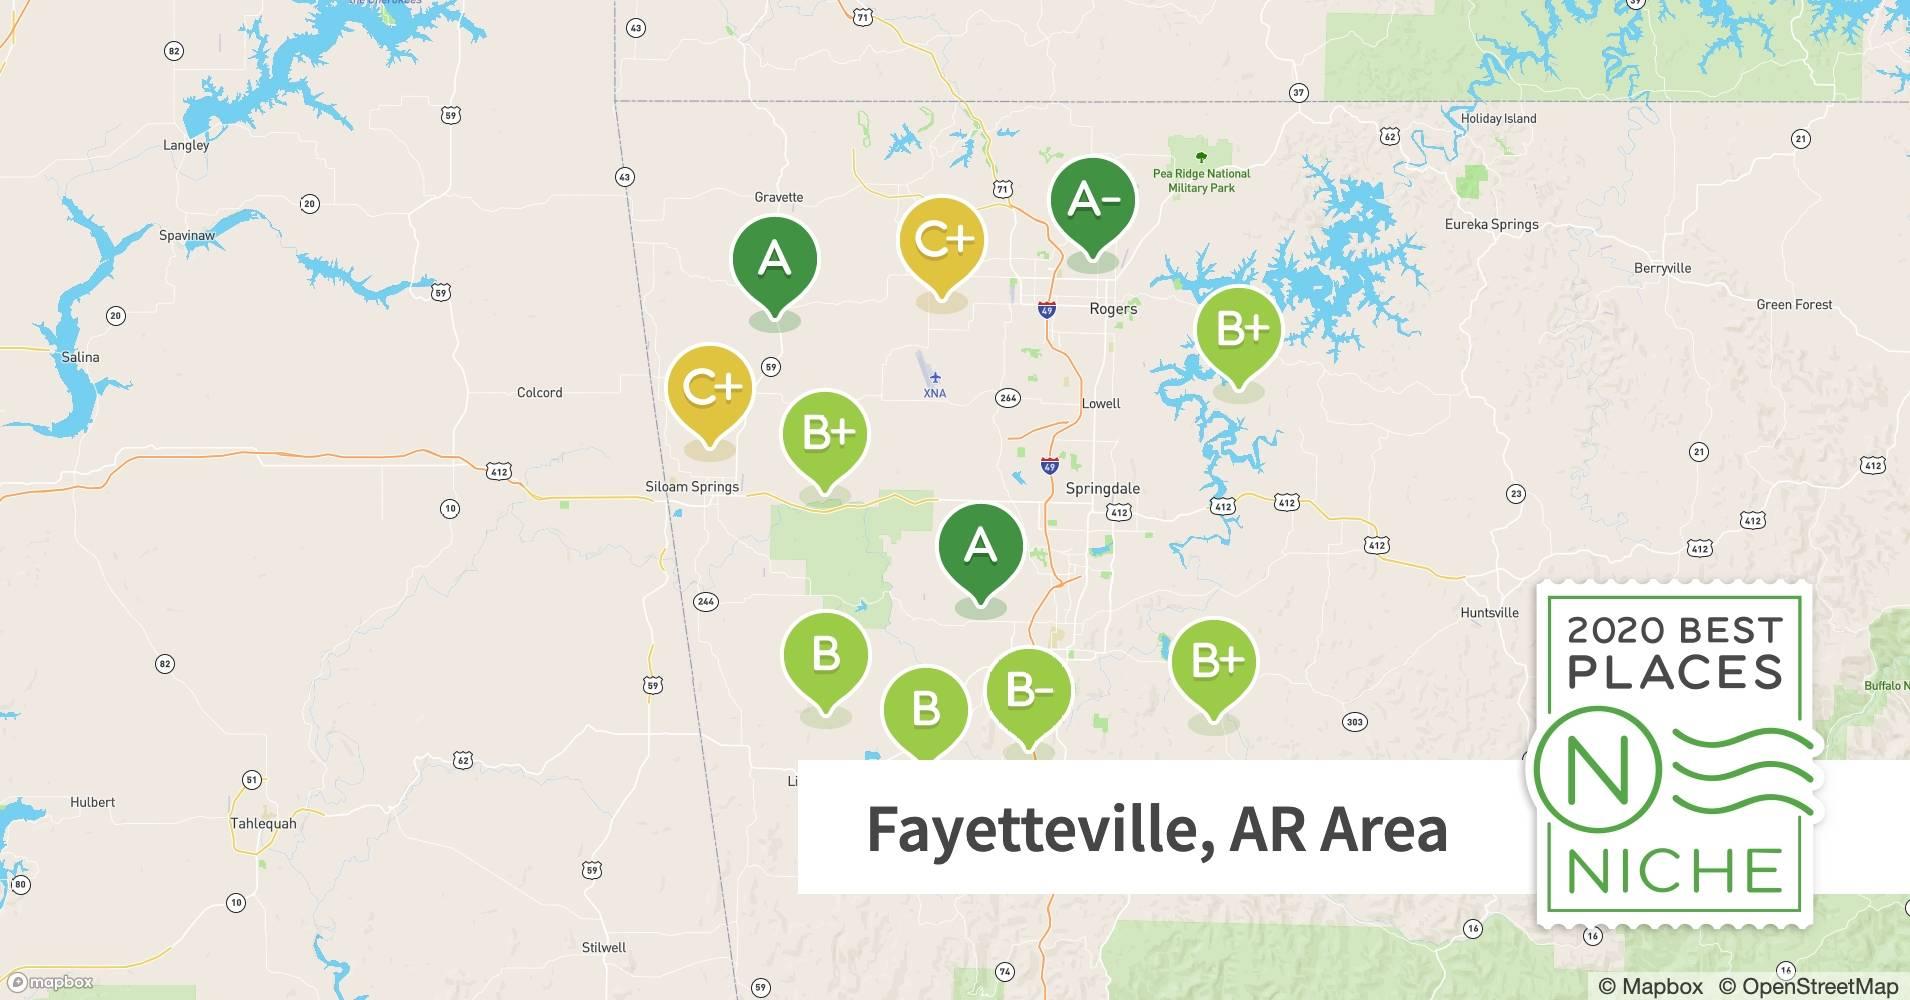 2020 Best Zip Codes Near Fayetteville Ar Area Niche